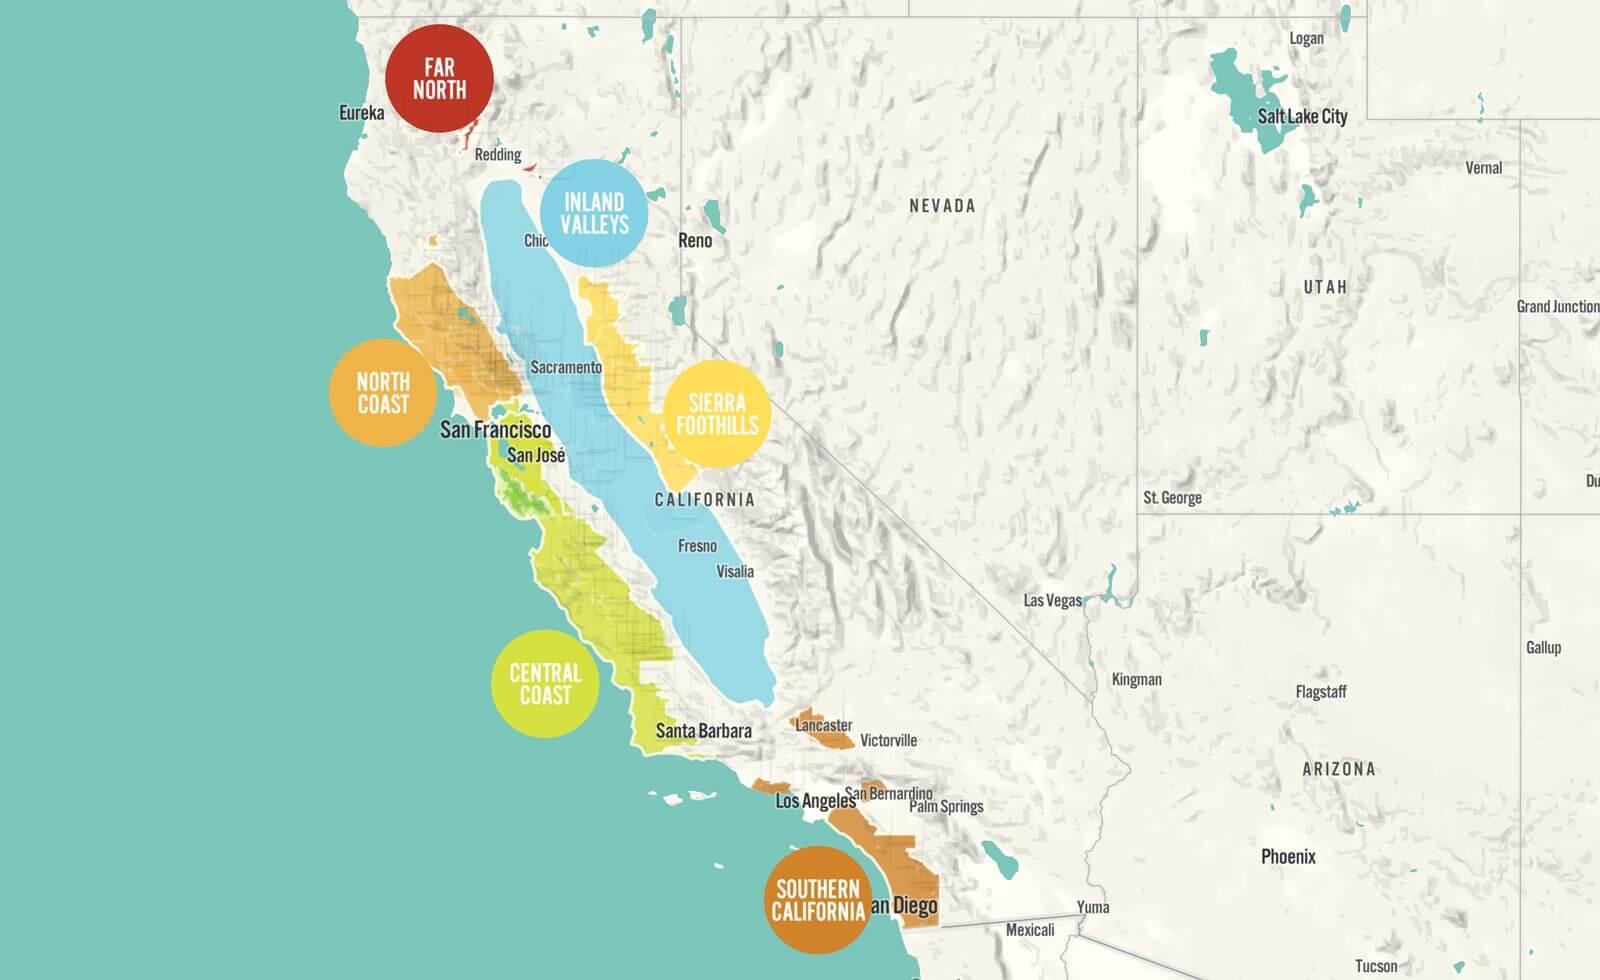 【カリフォルニアワイン初歩の初歩】 「ワイン州」カリフォルニア、バラエティーは多彩